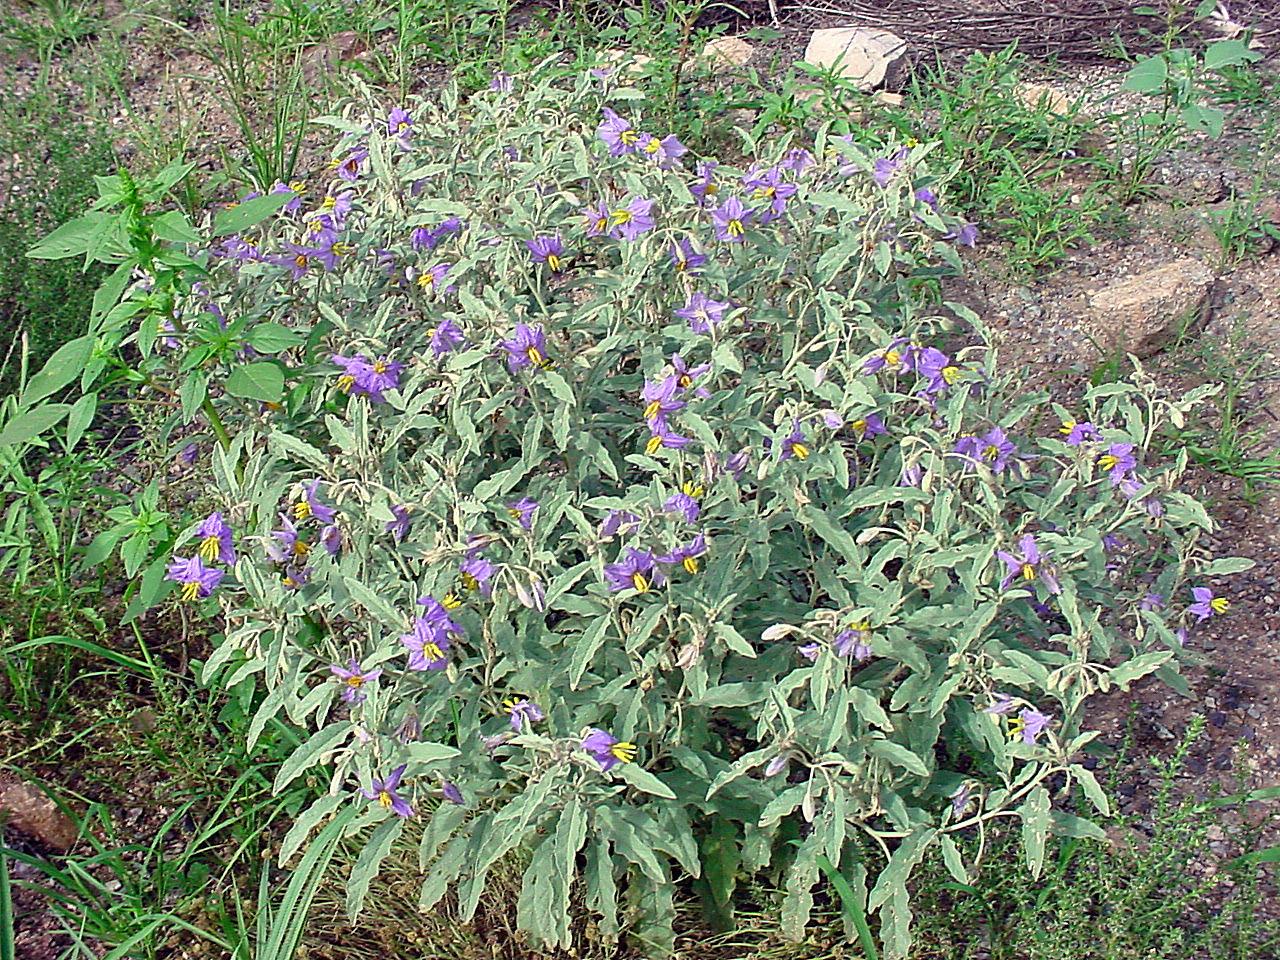 Silverleaf nightshade,  Solanum elaegnifolium